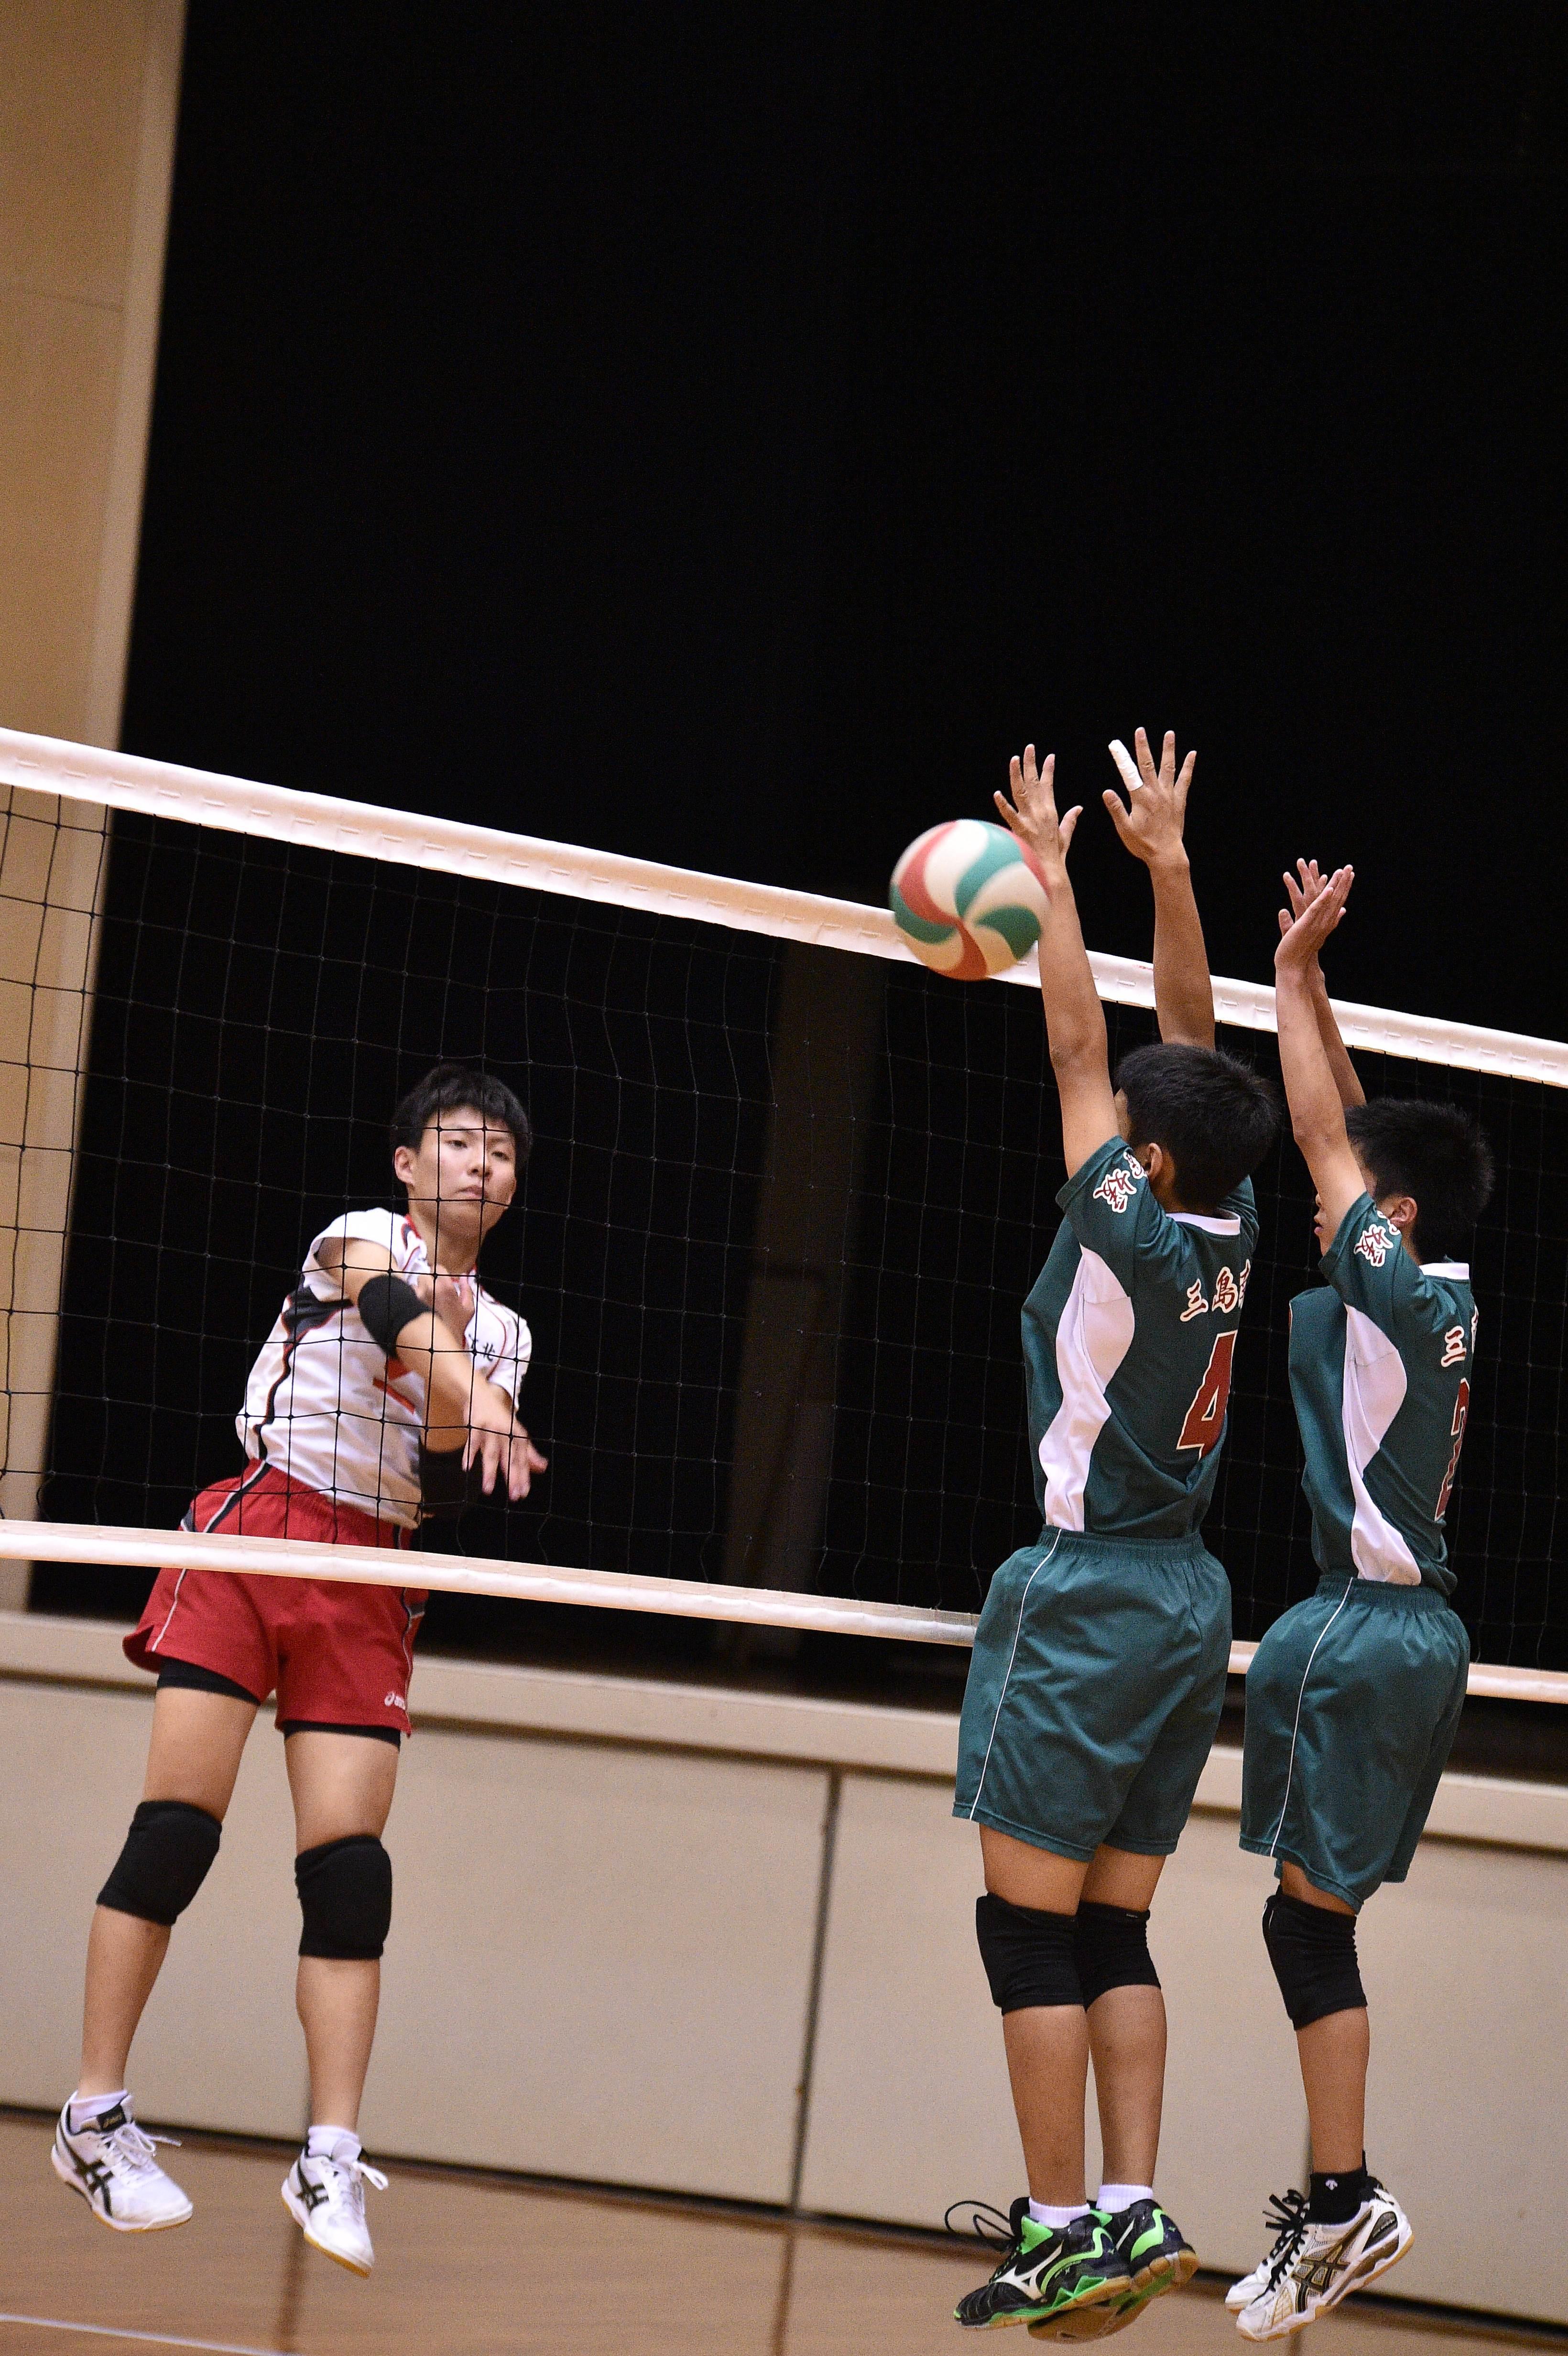 バレーボール (9)